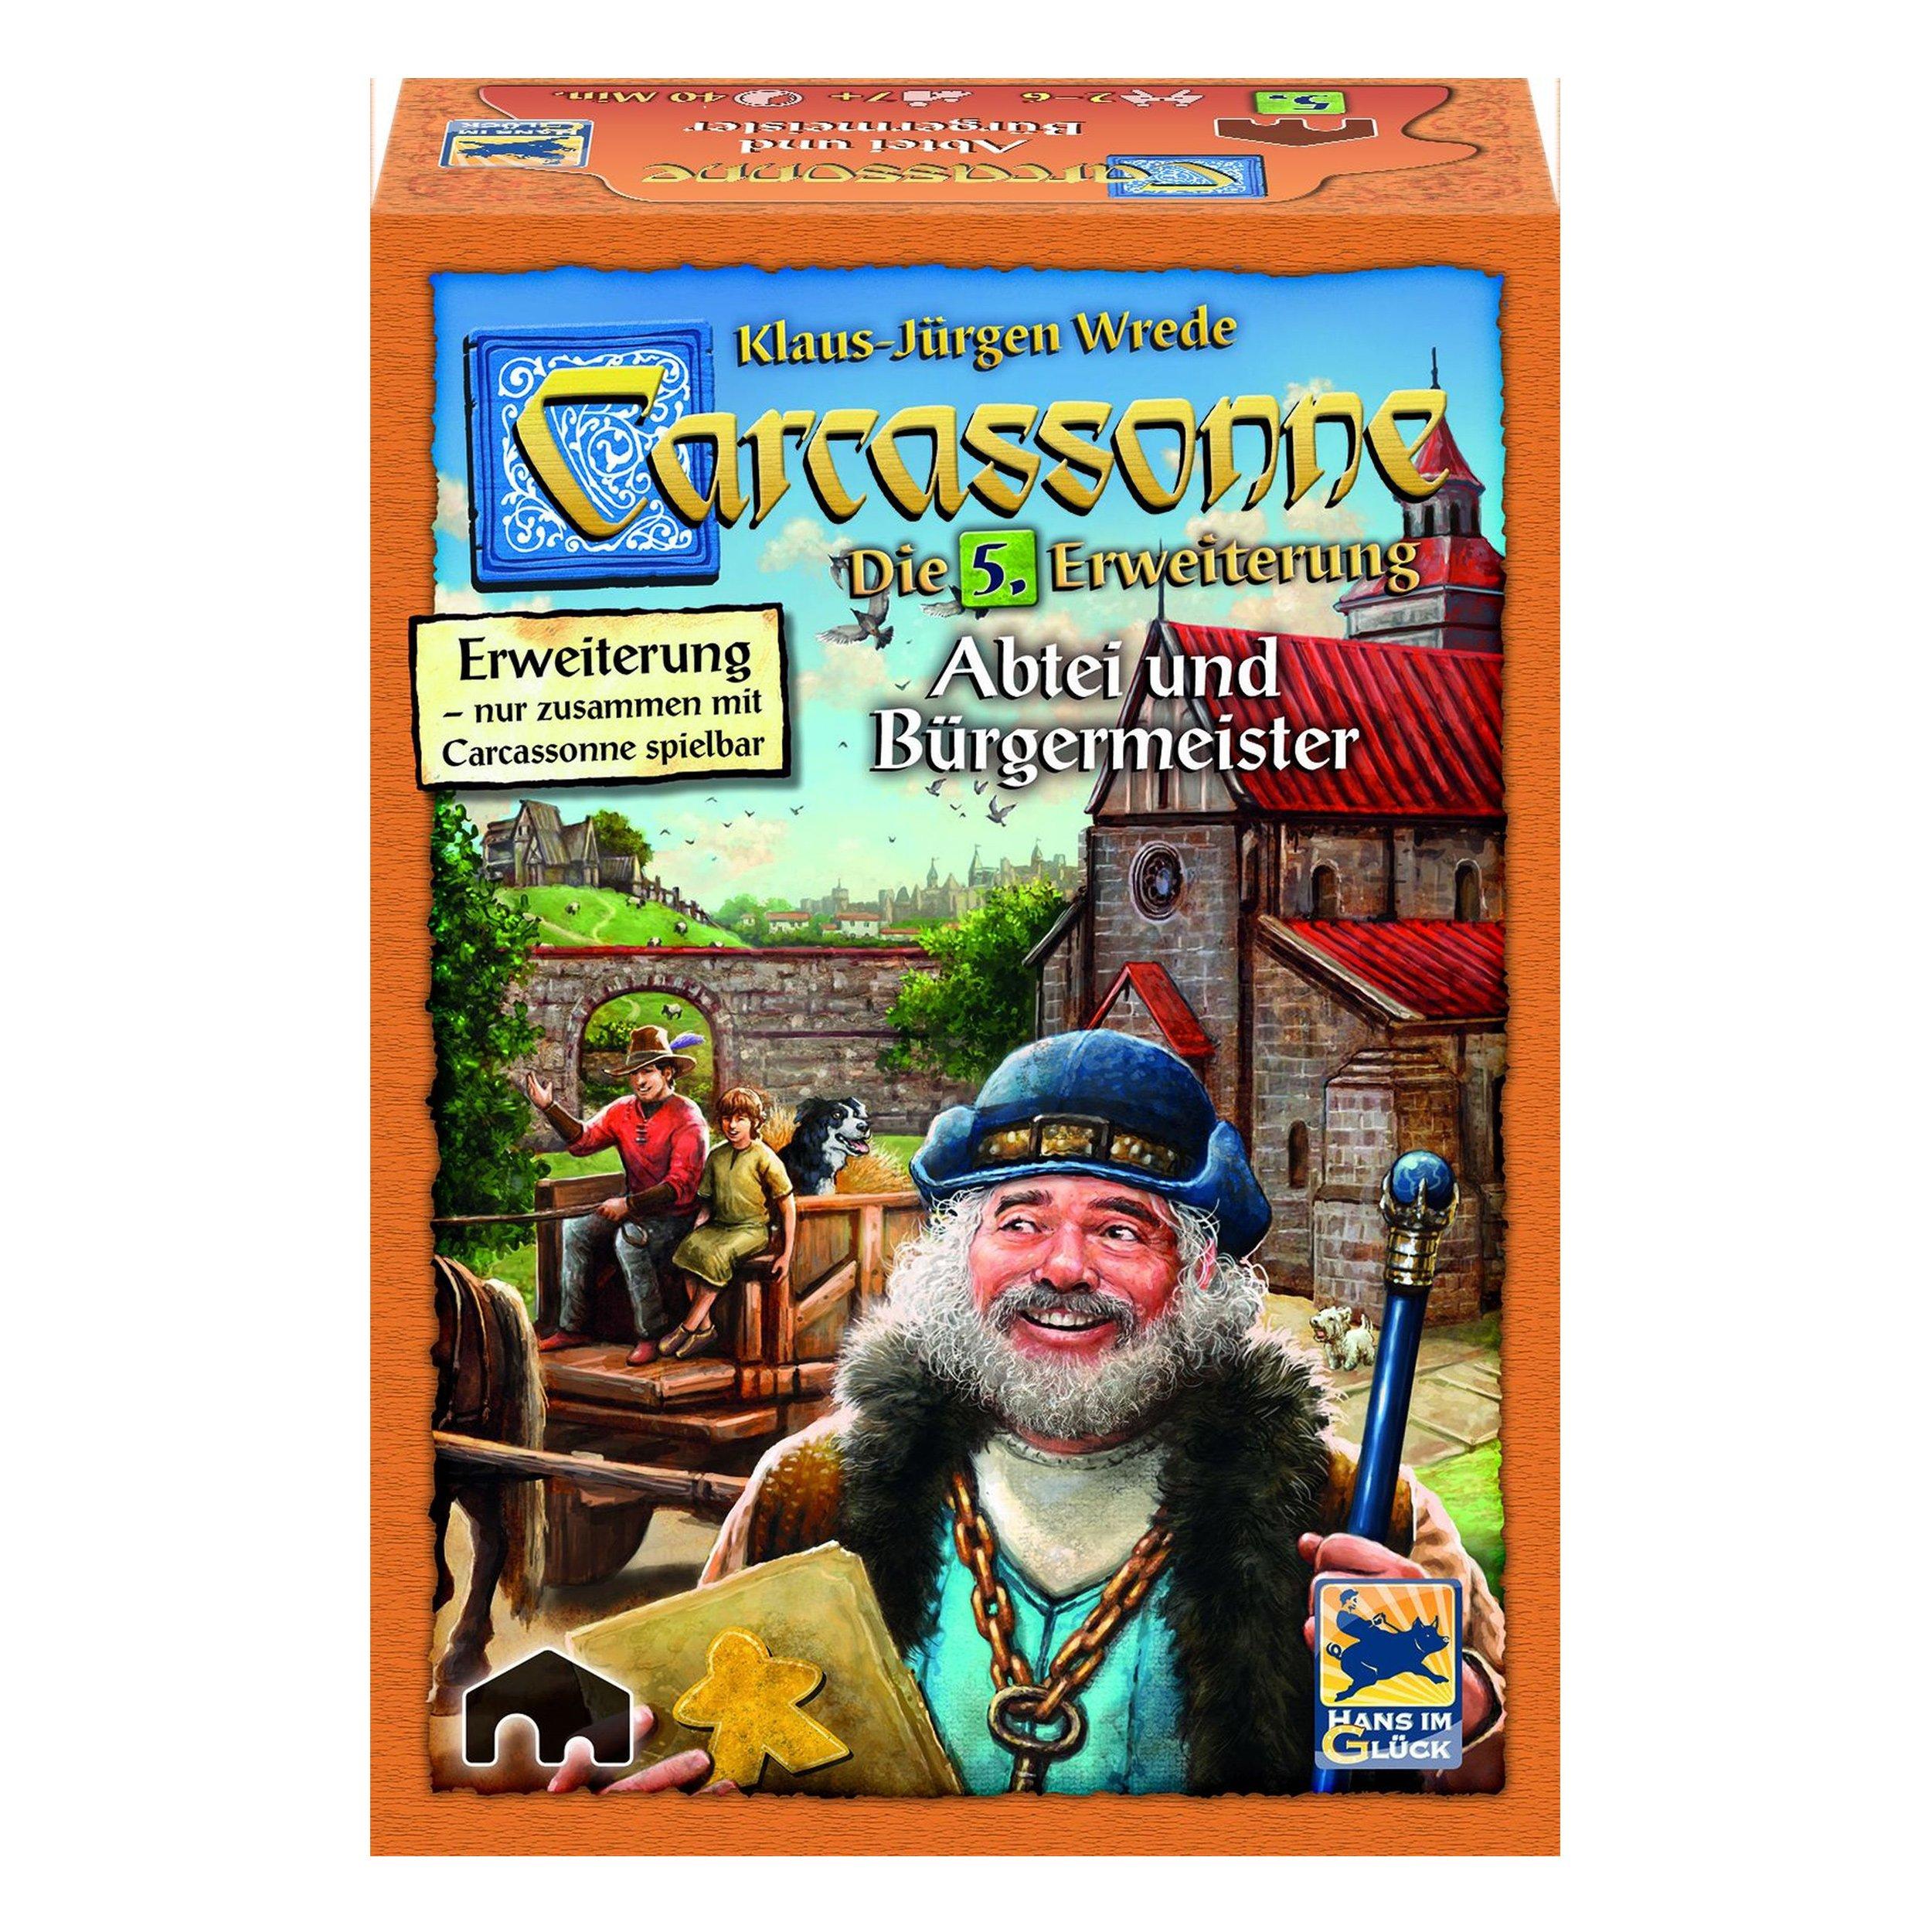 Carcassonne. Abtei und Bürgermeister. Erweiterung 5. Neue Edition: Amazon.es: Libros en idiomas extranjeros